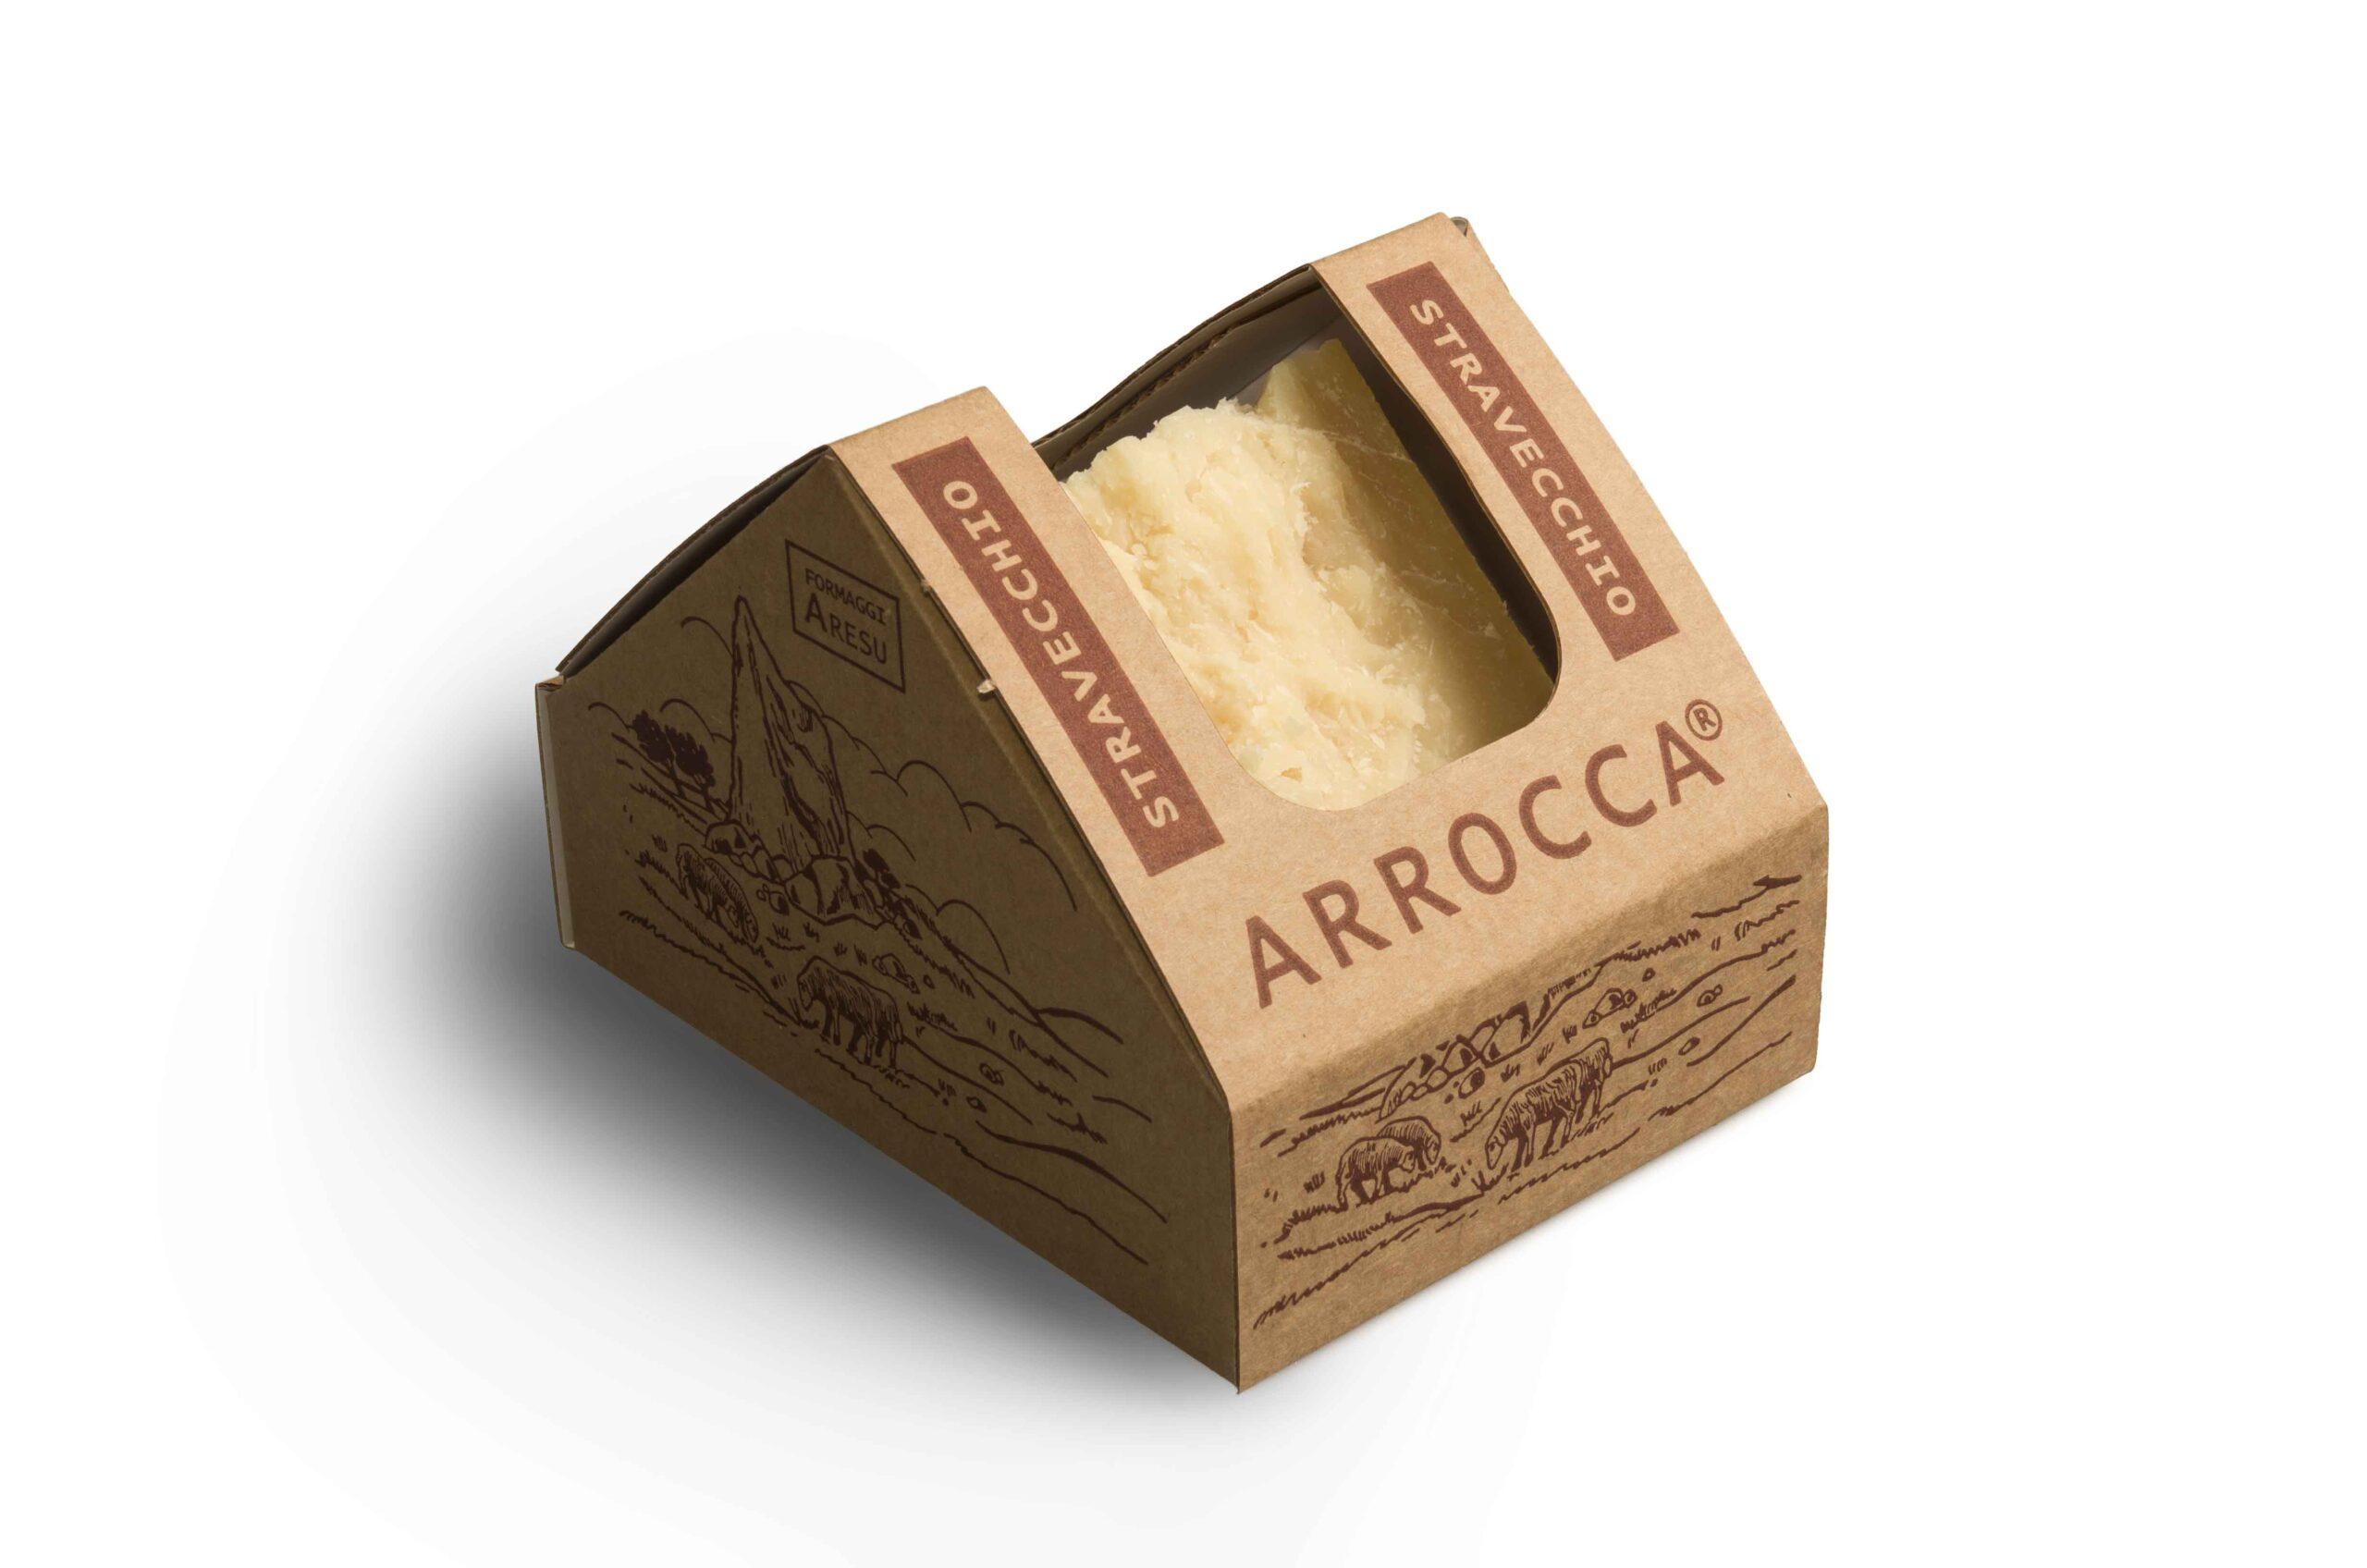 Arrocca ®